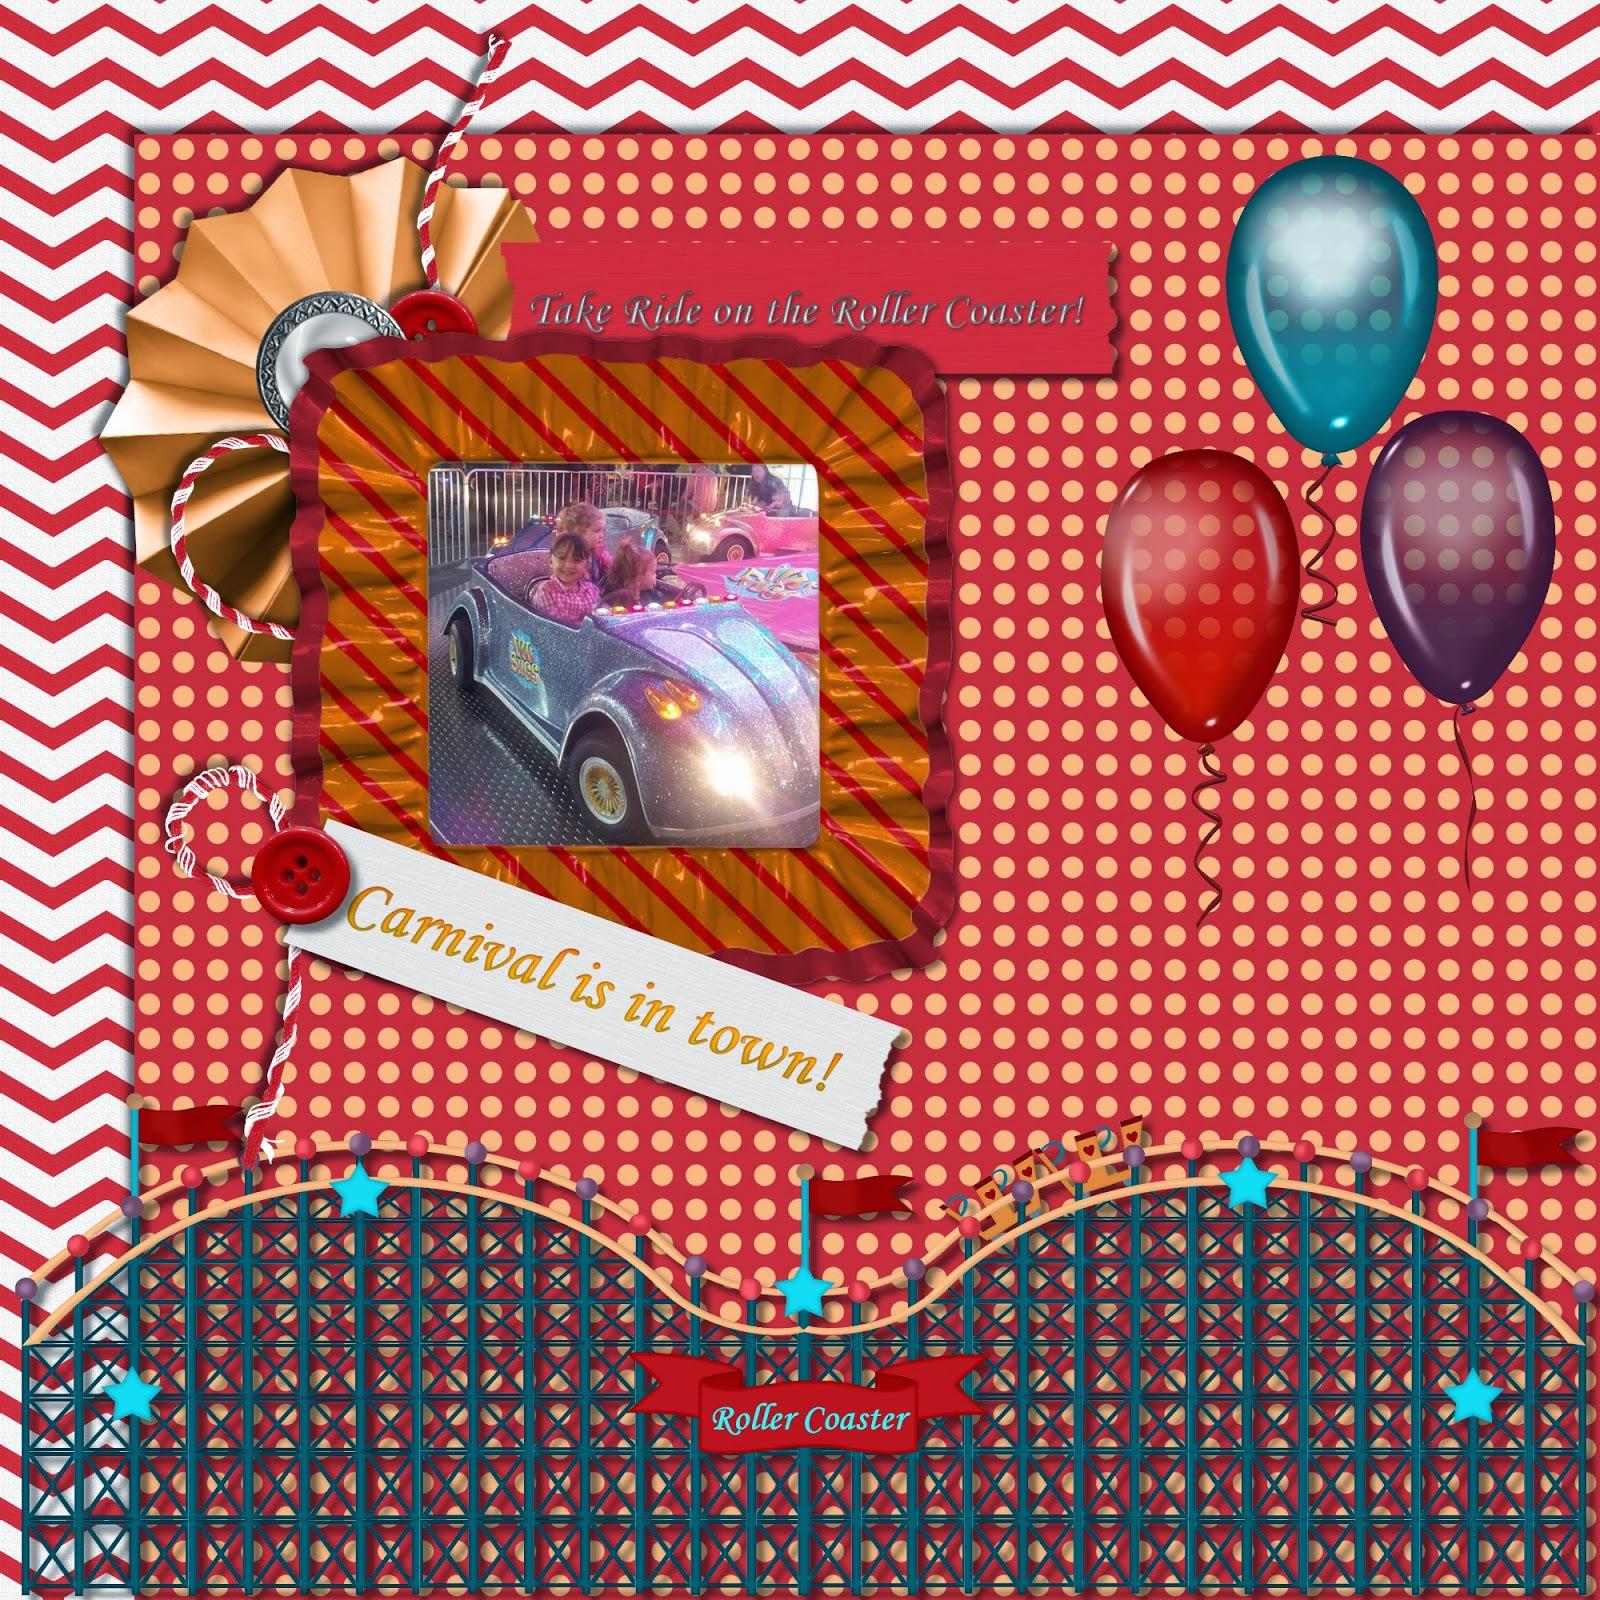 http://1.bp.blogspot.com/-Ugp_6t_7vhM/U-_ghvKZfAI/AAAAAAAAJg8/6rbk-1uxNG8/s1600/p4dsd_CarnivalQPFreebieSample.jpg